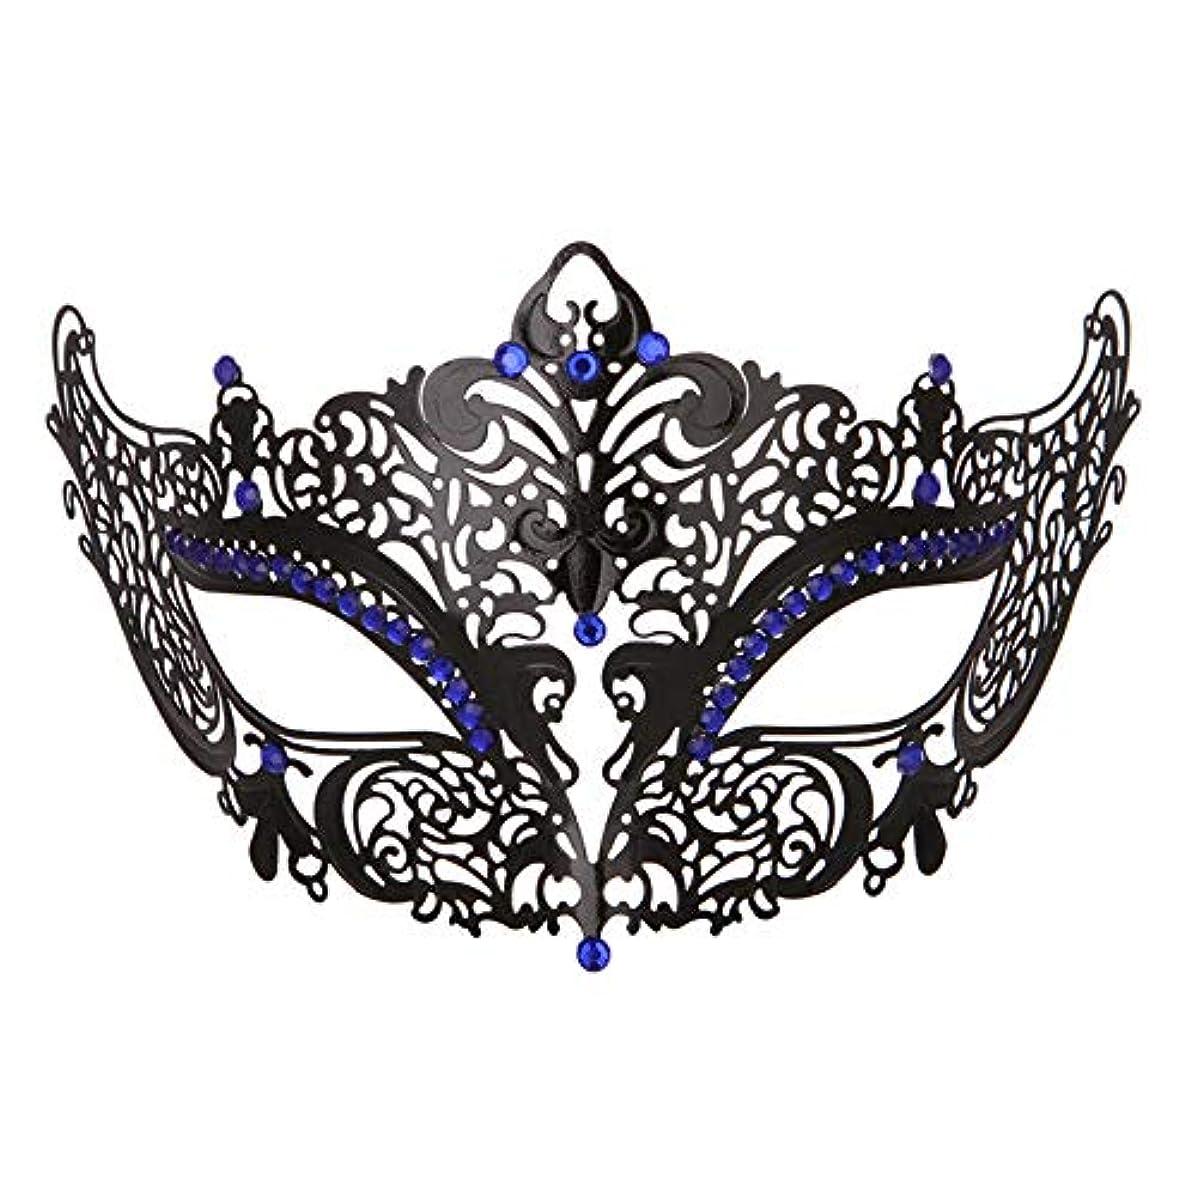 なくなる漁師お手入れダンスマスク 高級金属鉄マスク女性美少女中空ハーフフェイスファッションナイトクラブパーティー仮面舞踏会マスク ホリデーパーティー用品 (色 : 青, サイズ : 19x8cm)